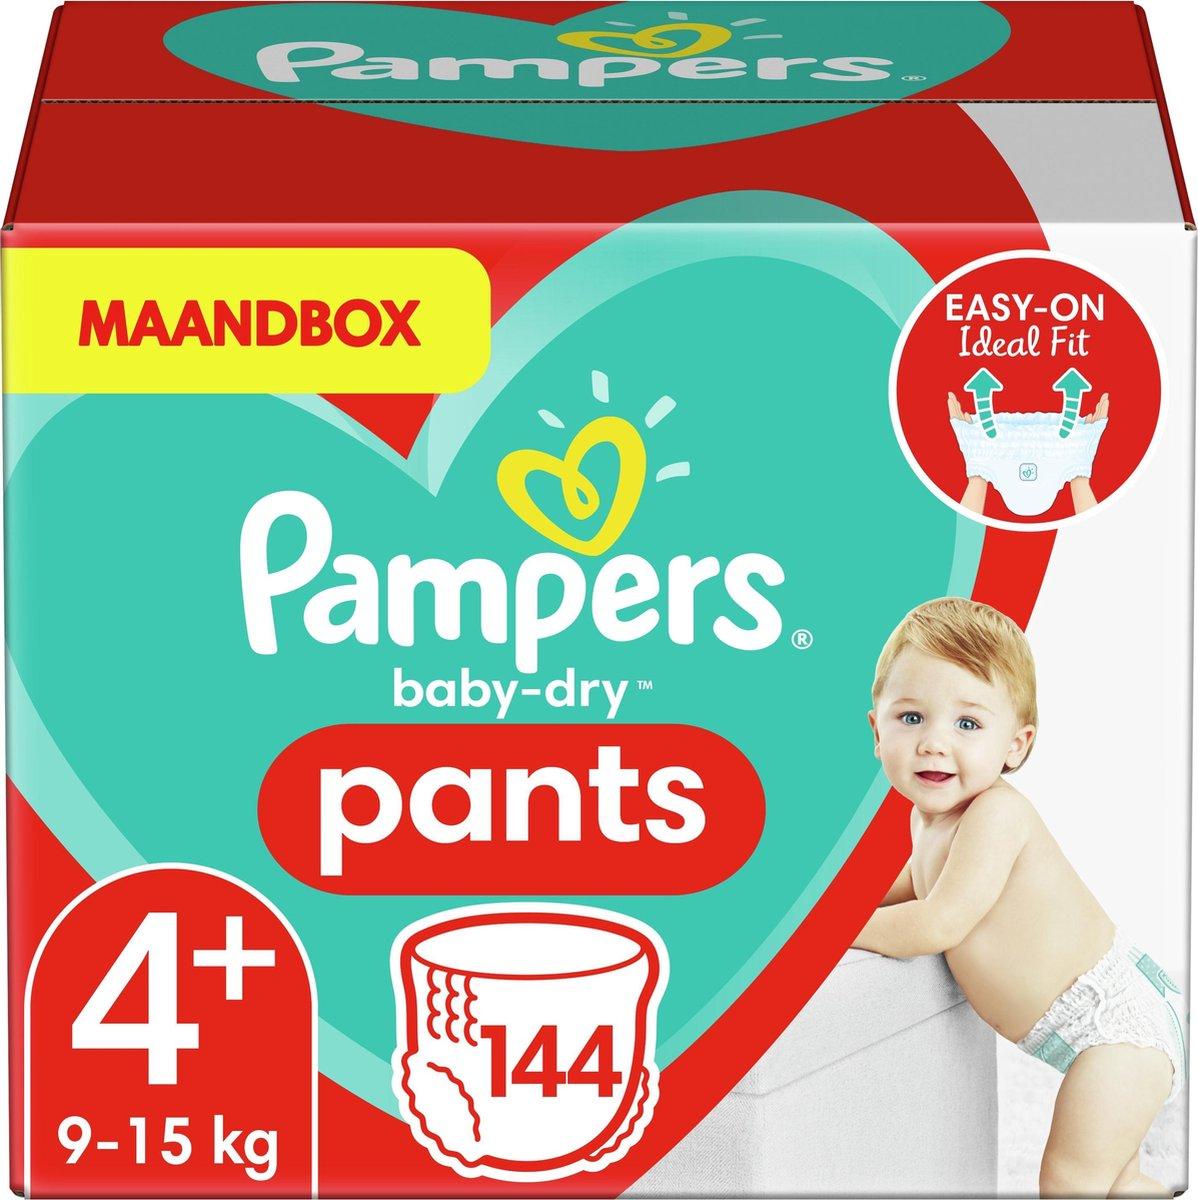 Pampers Baby-Dry Pants Luierbroekjes - Maat 4+ (9-15 kg) - 144 stuks - Maandbox